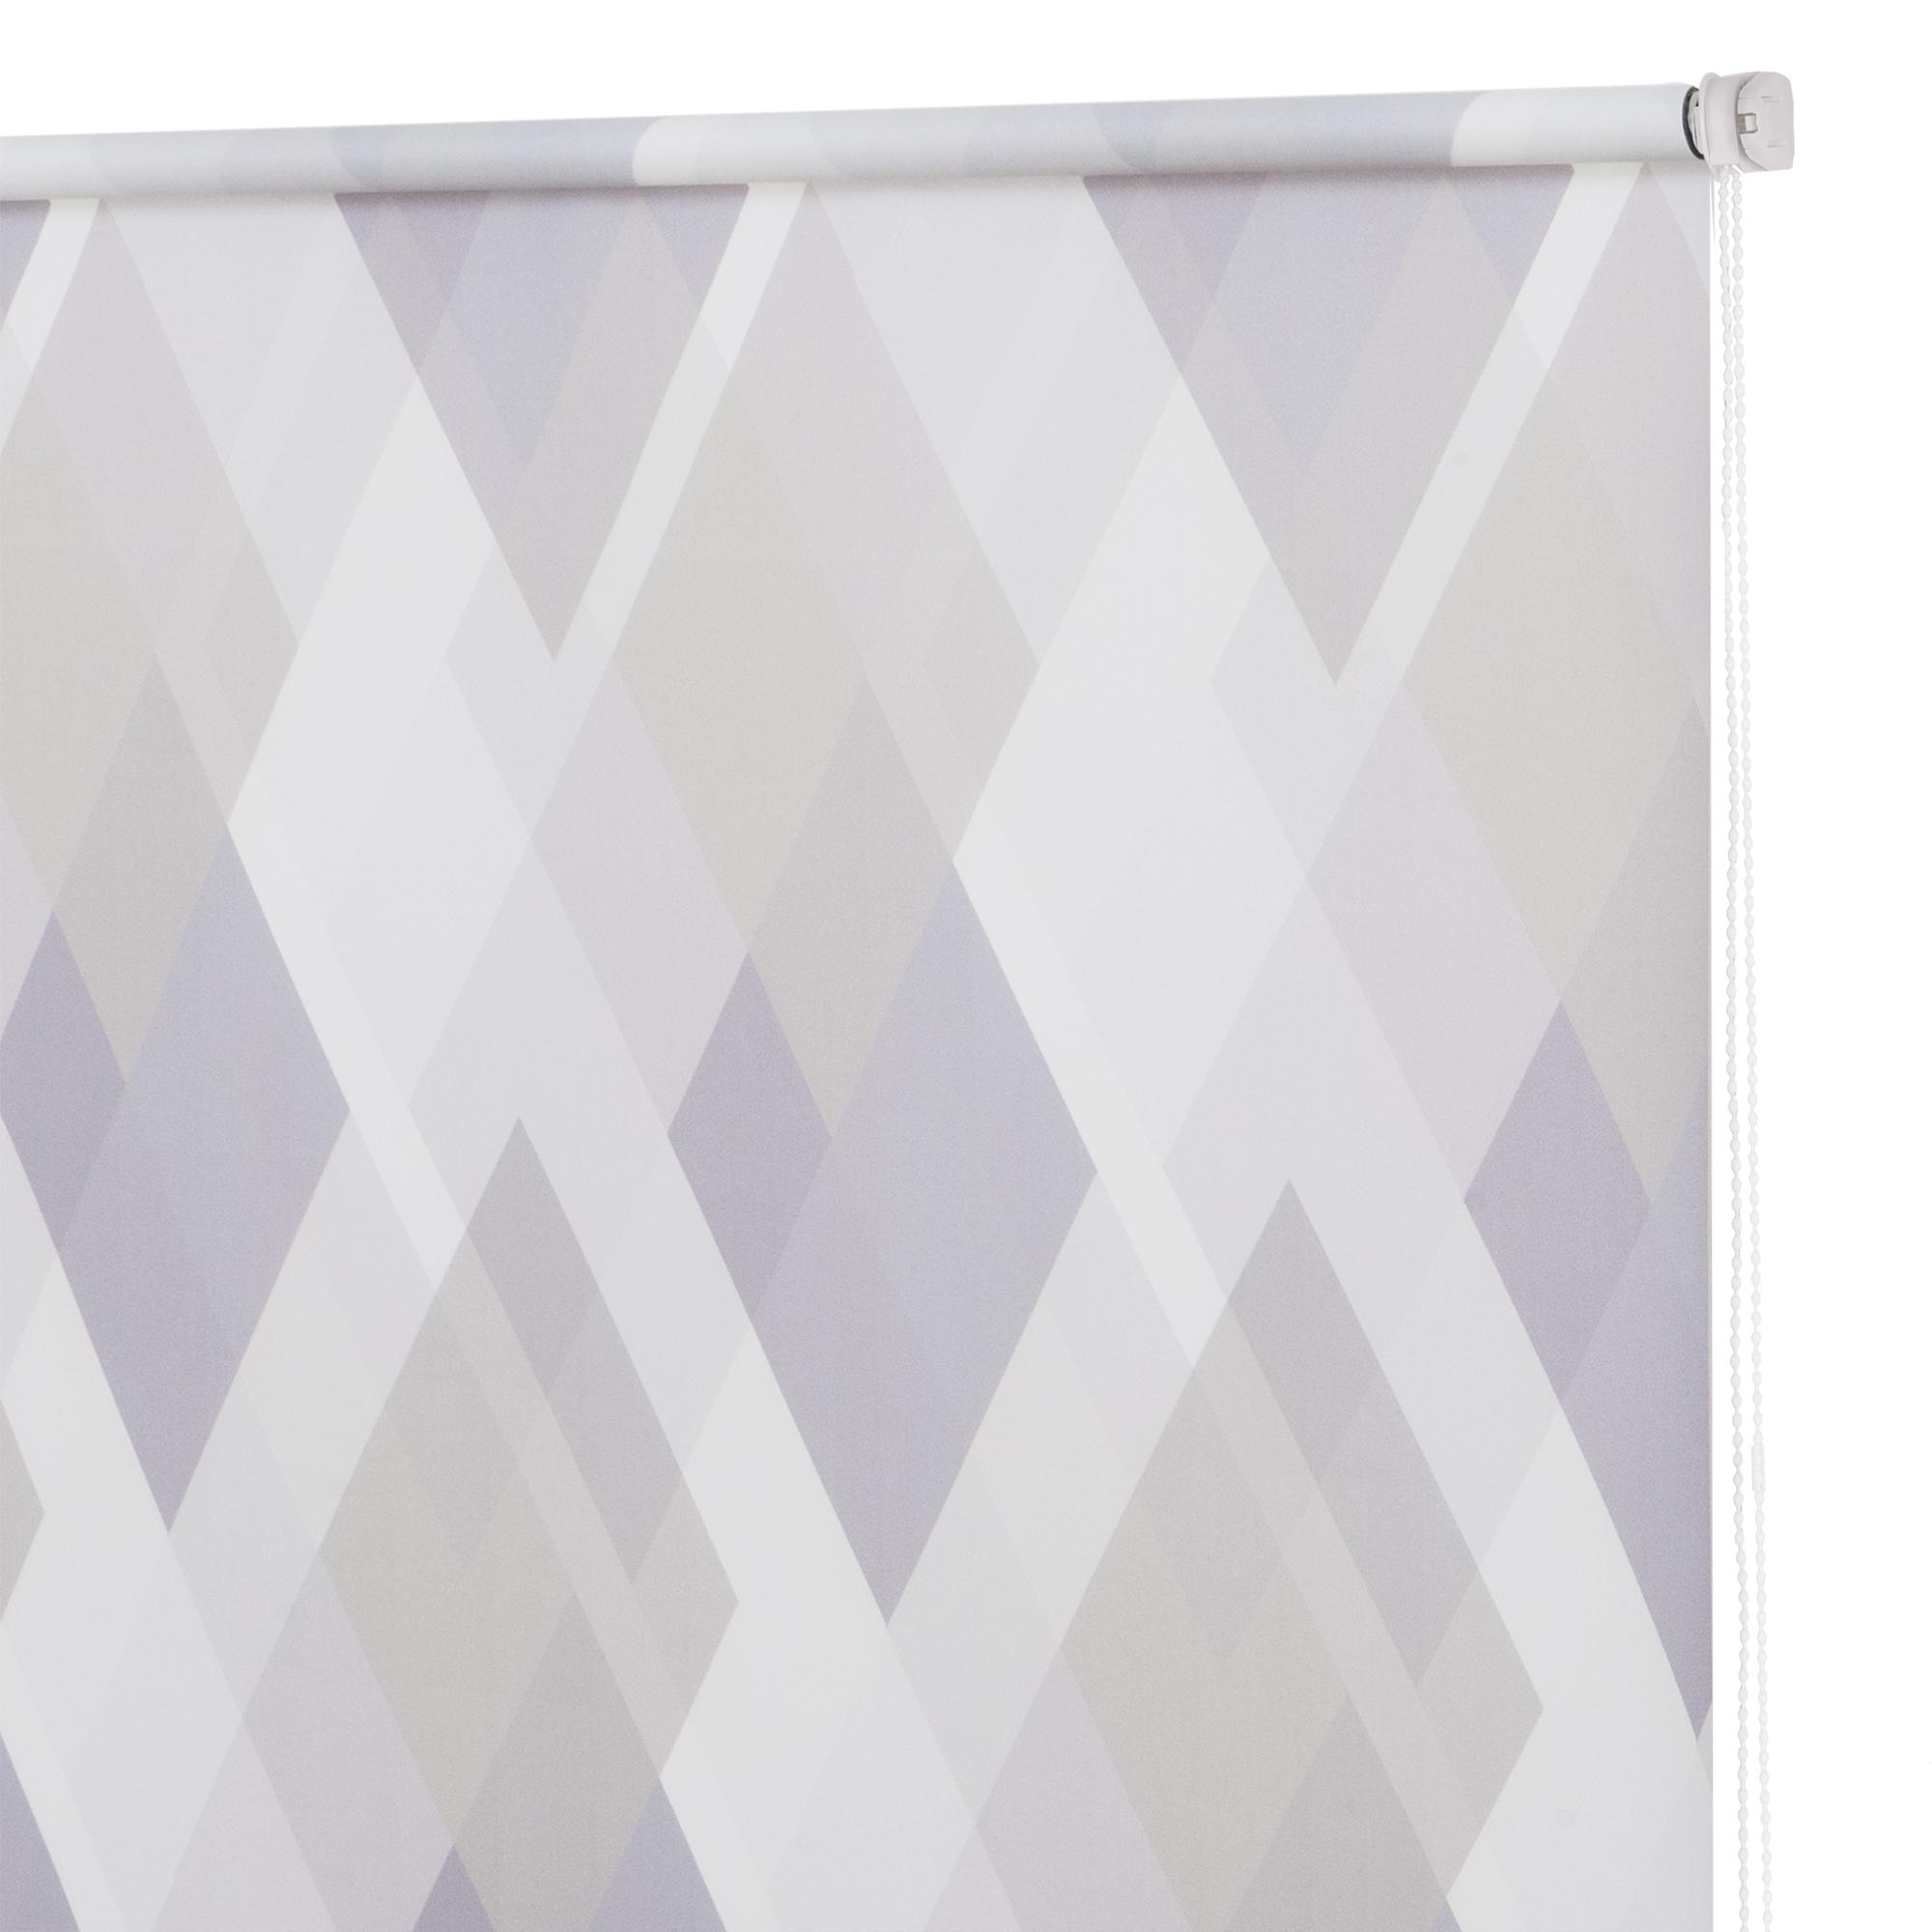 Рулонная штора Decofest Принт Ромбы Серо-фиолетовый 40x160